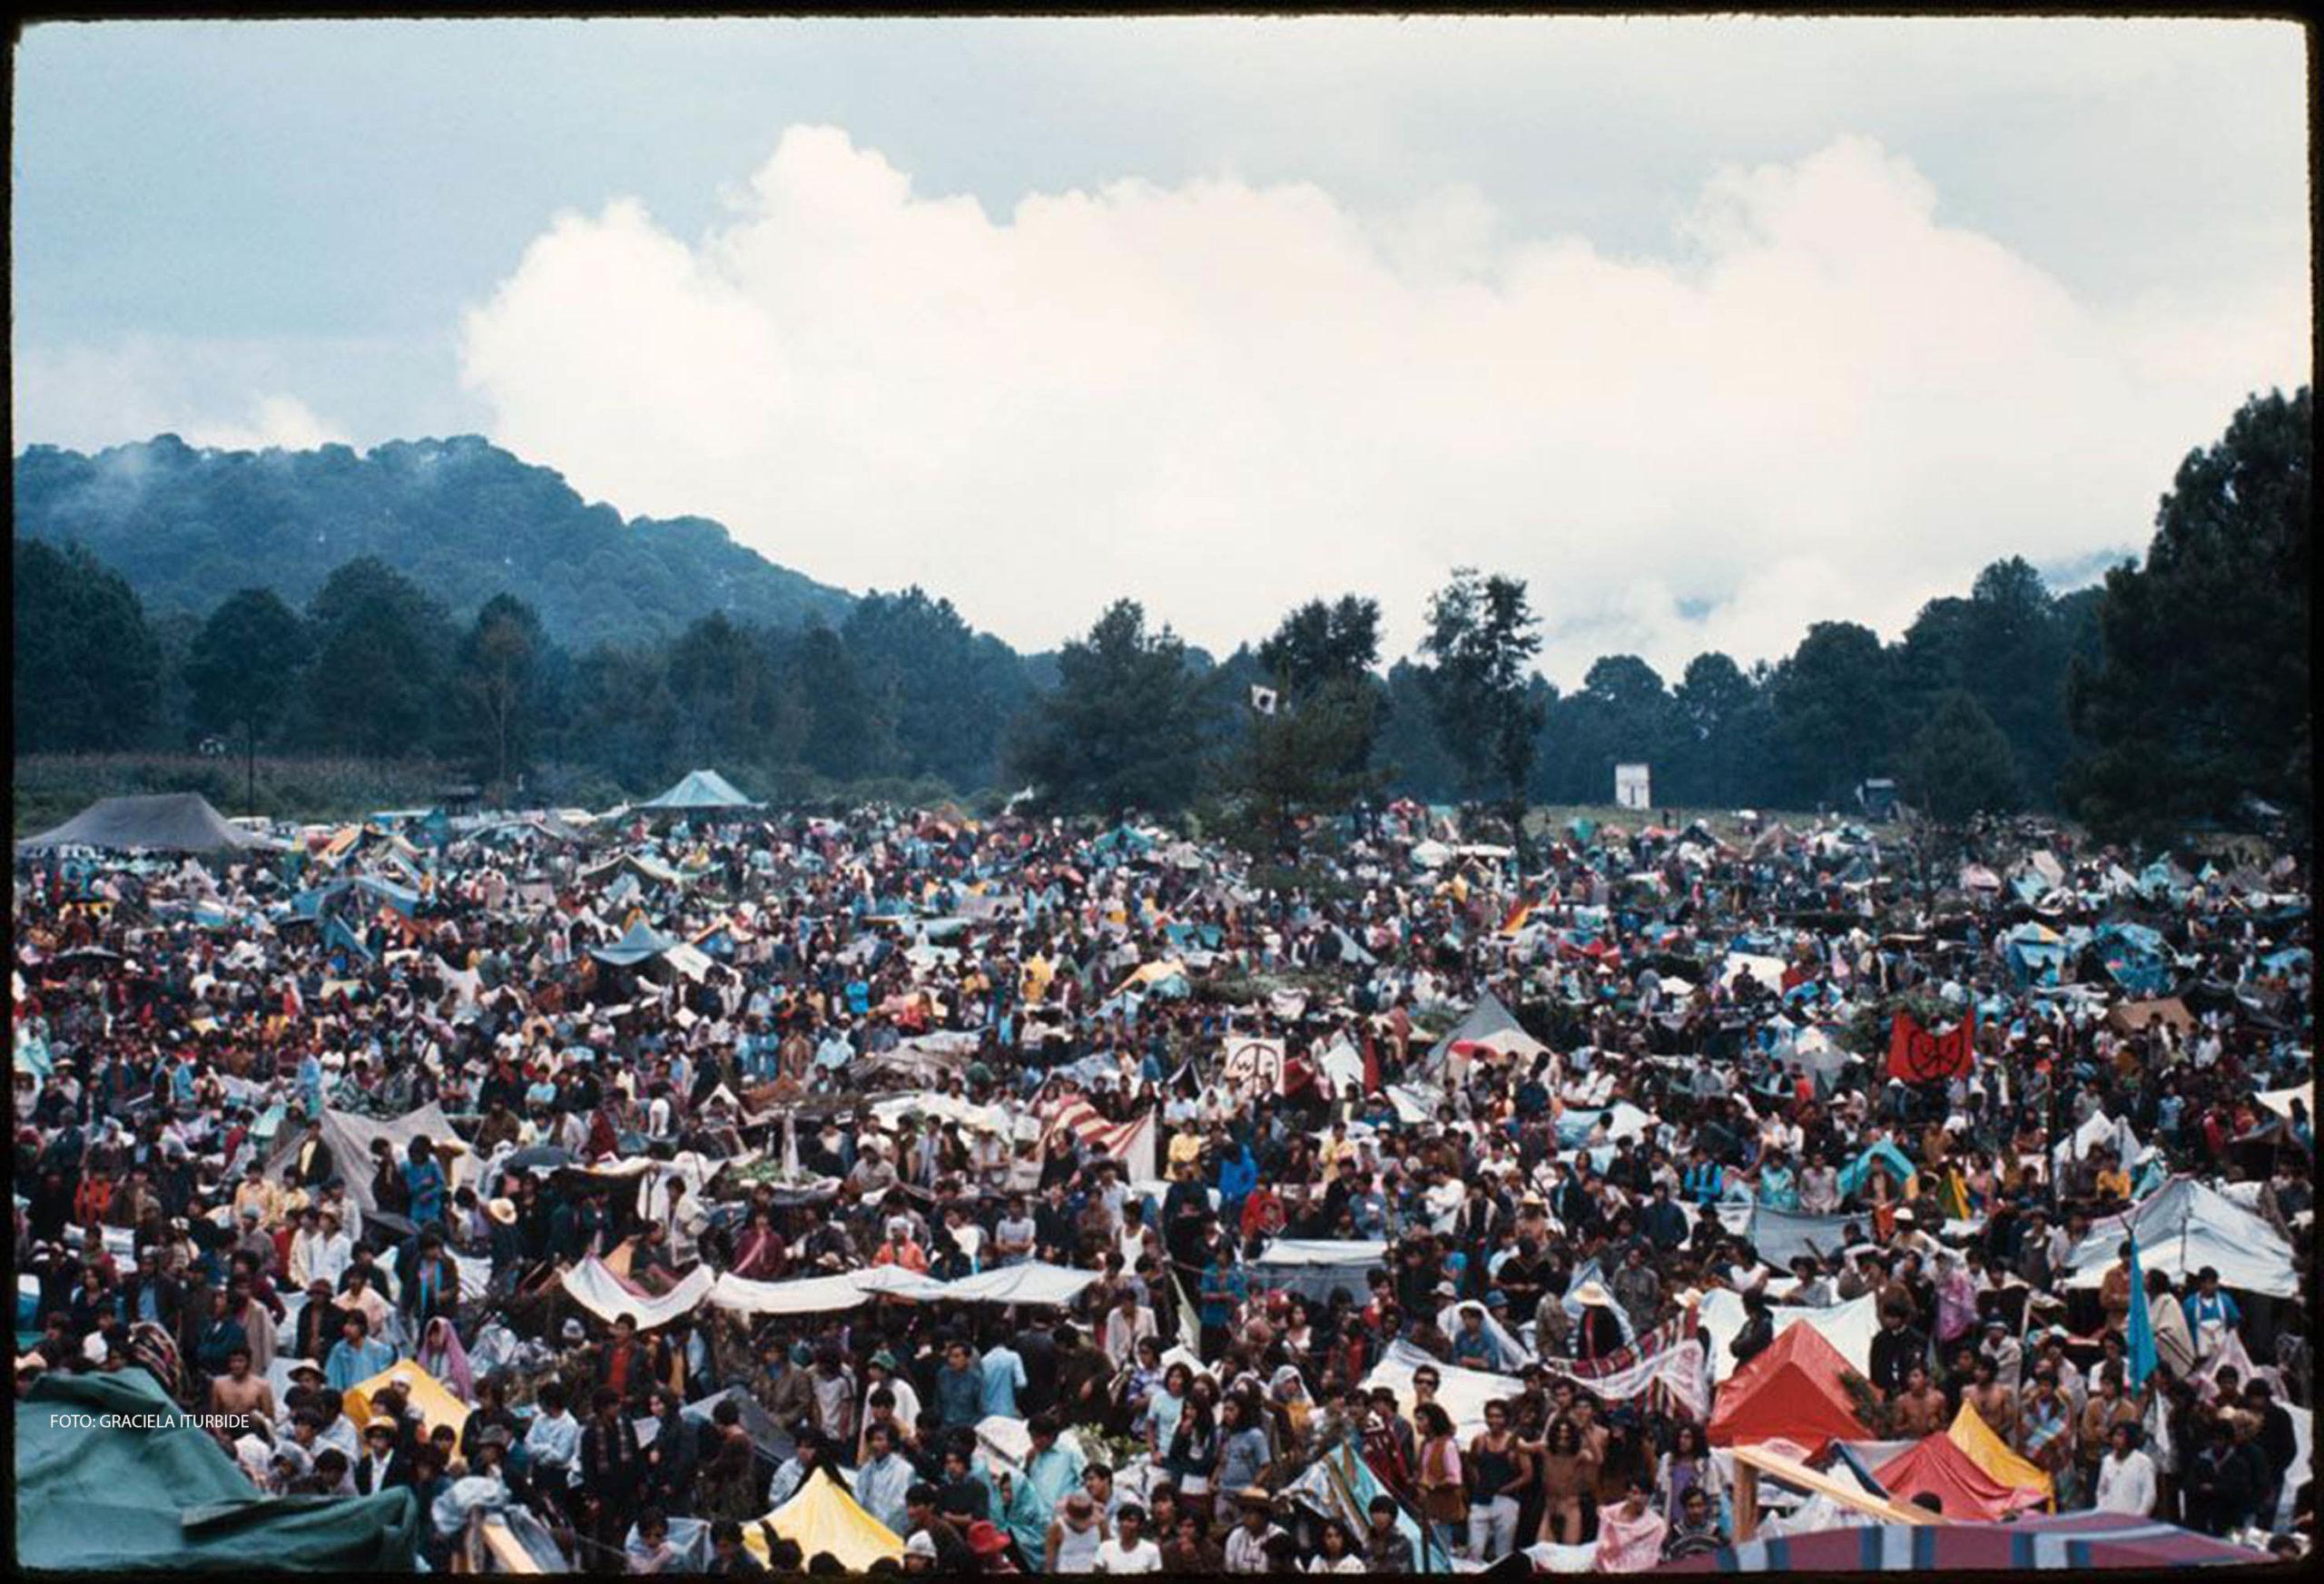 A 50 AÑOS DE AVÁNDARO, ASÍ FUE EL FESTIVAL CONSIDERADO UN HITO DEL ROCK MEXICANO